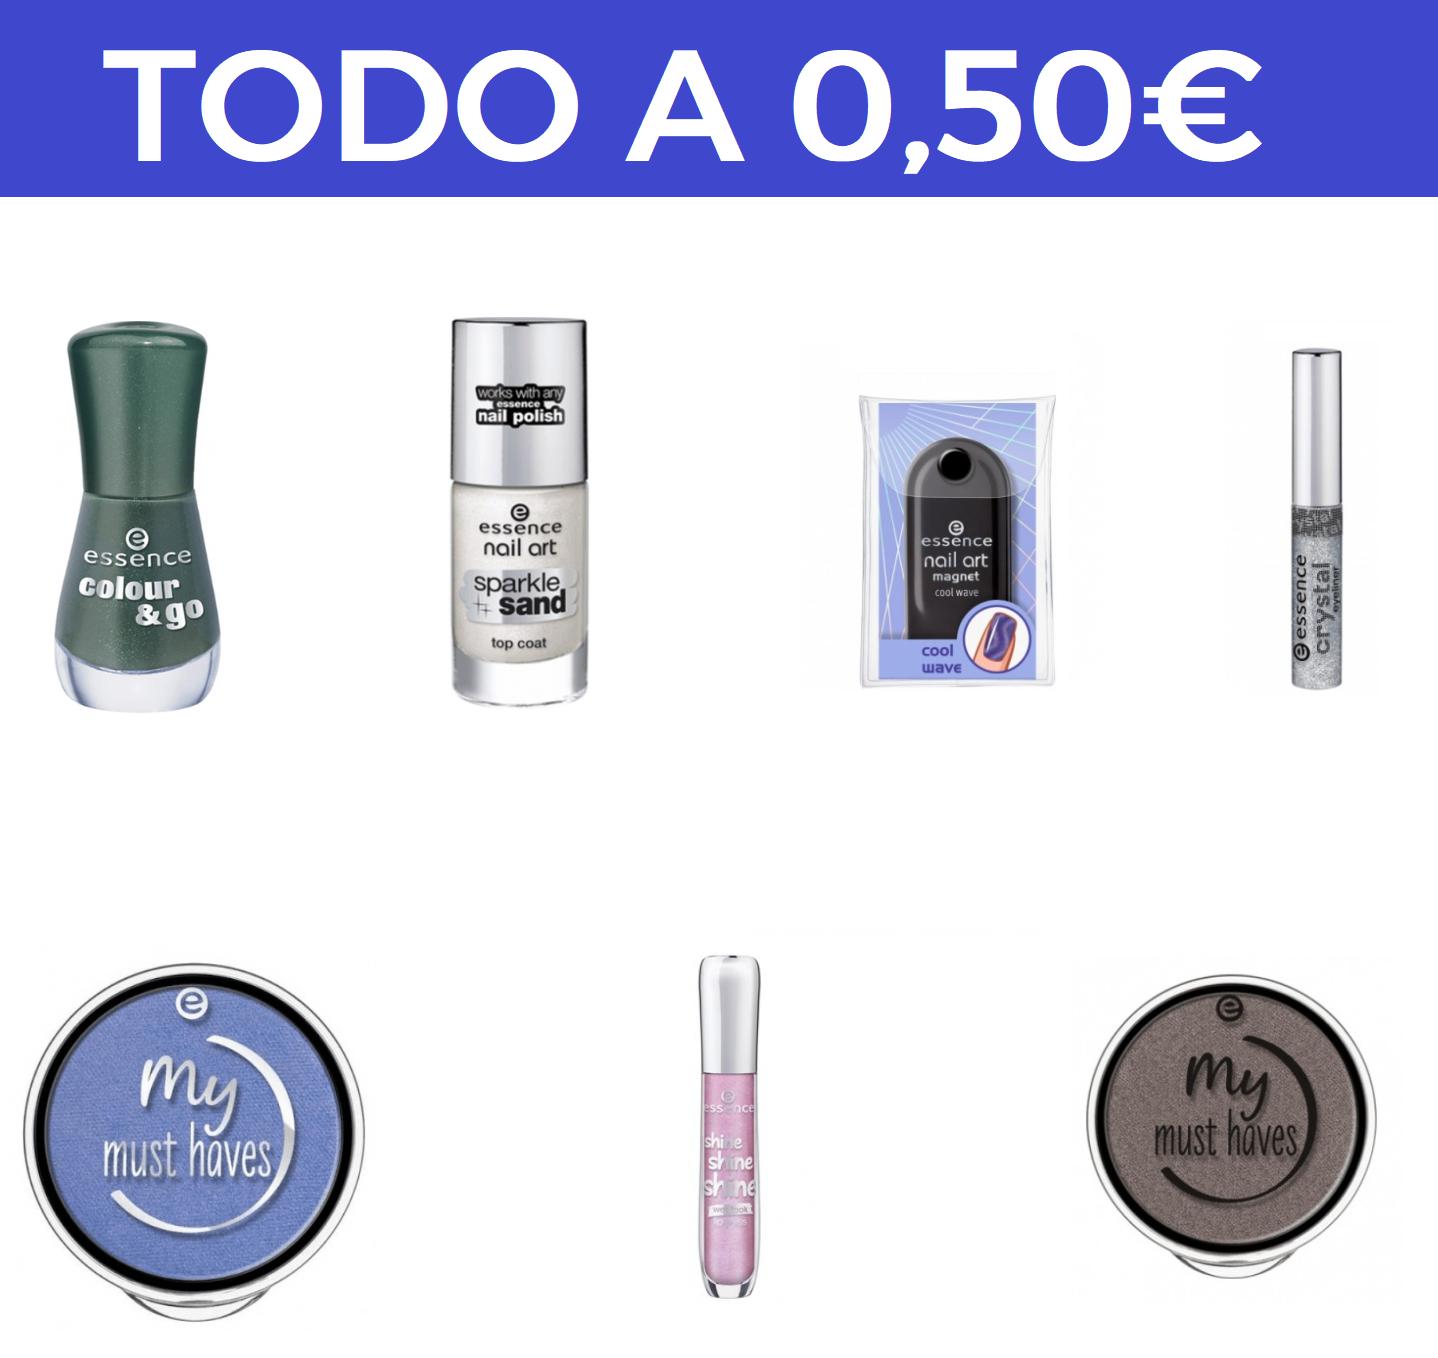 Productos de ESSENCE por 0.5€ y envío gratis!!!